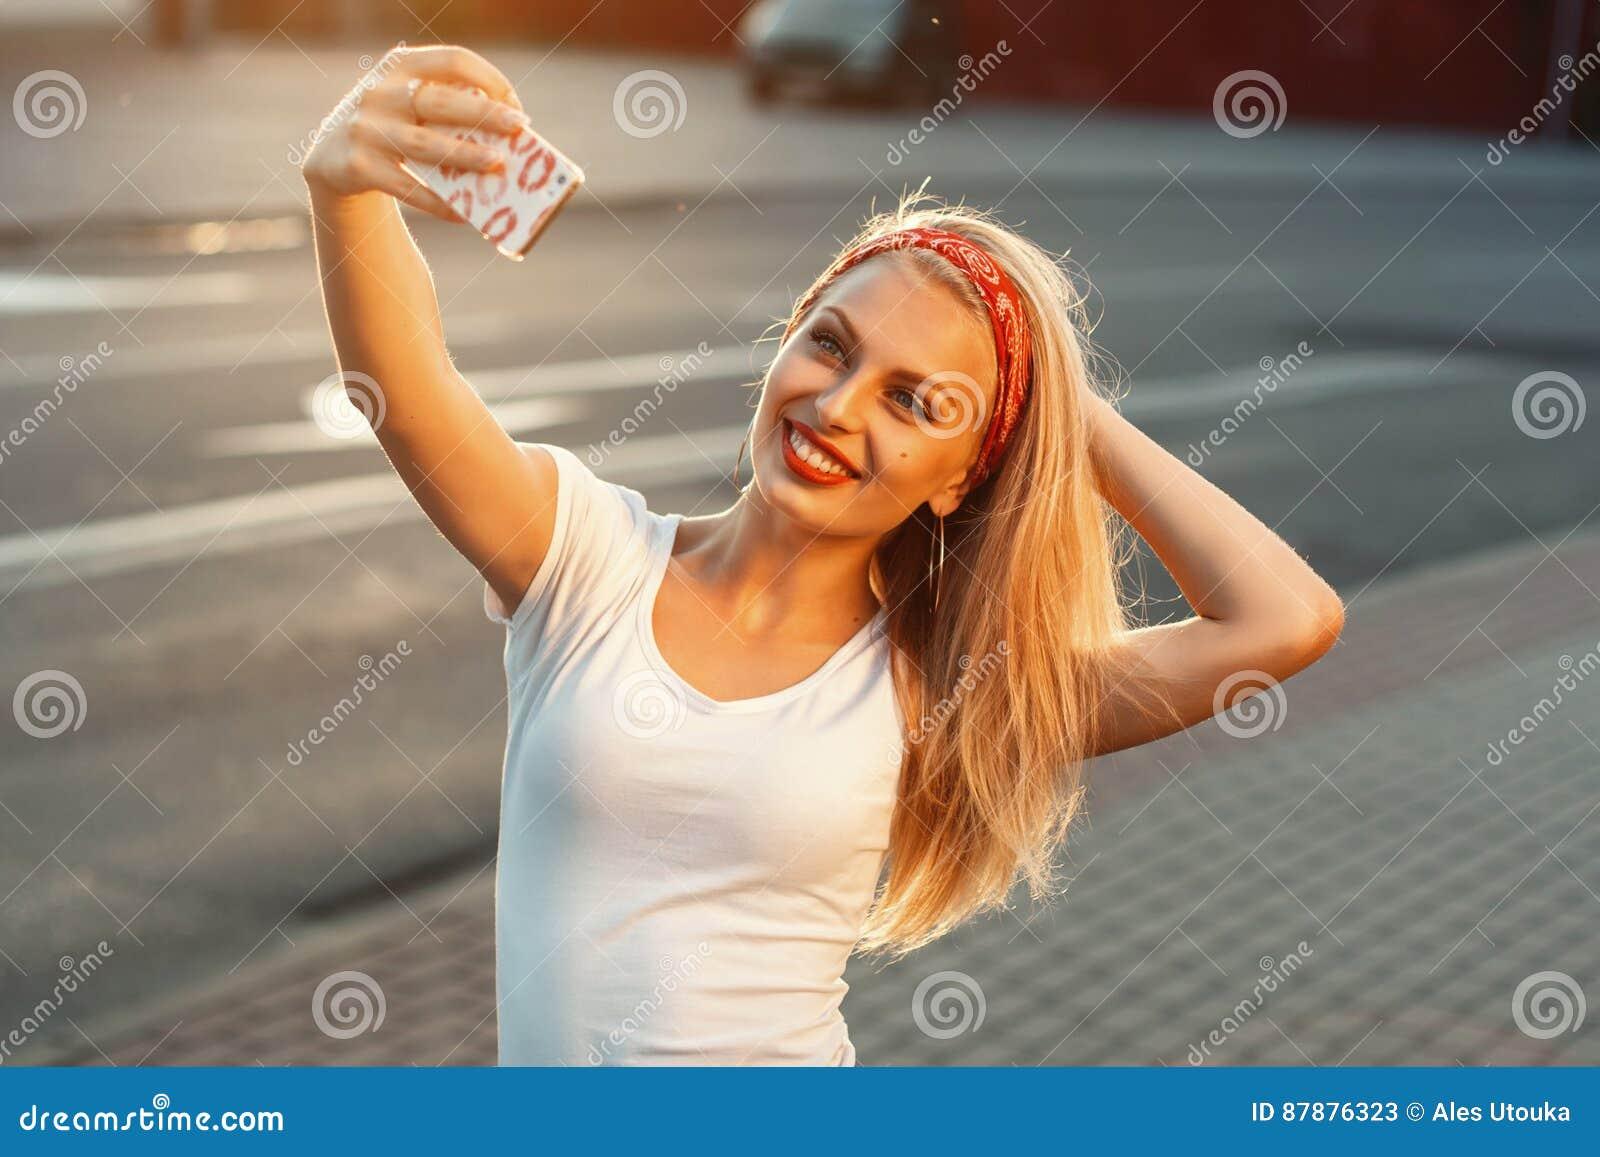 Selfie, muchacha hermosa tomada imágenes de su uno mismo, instagram